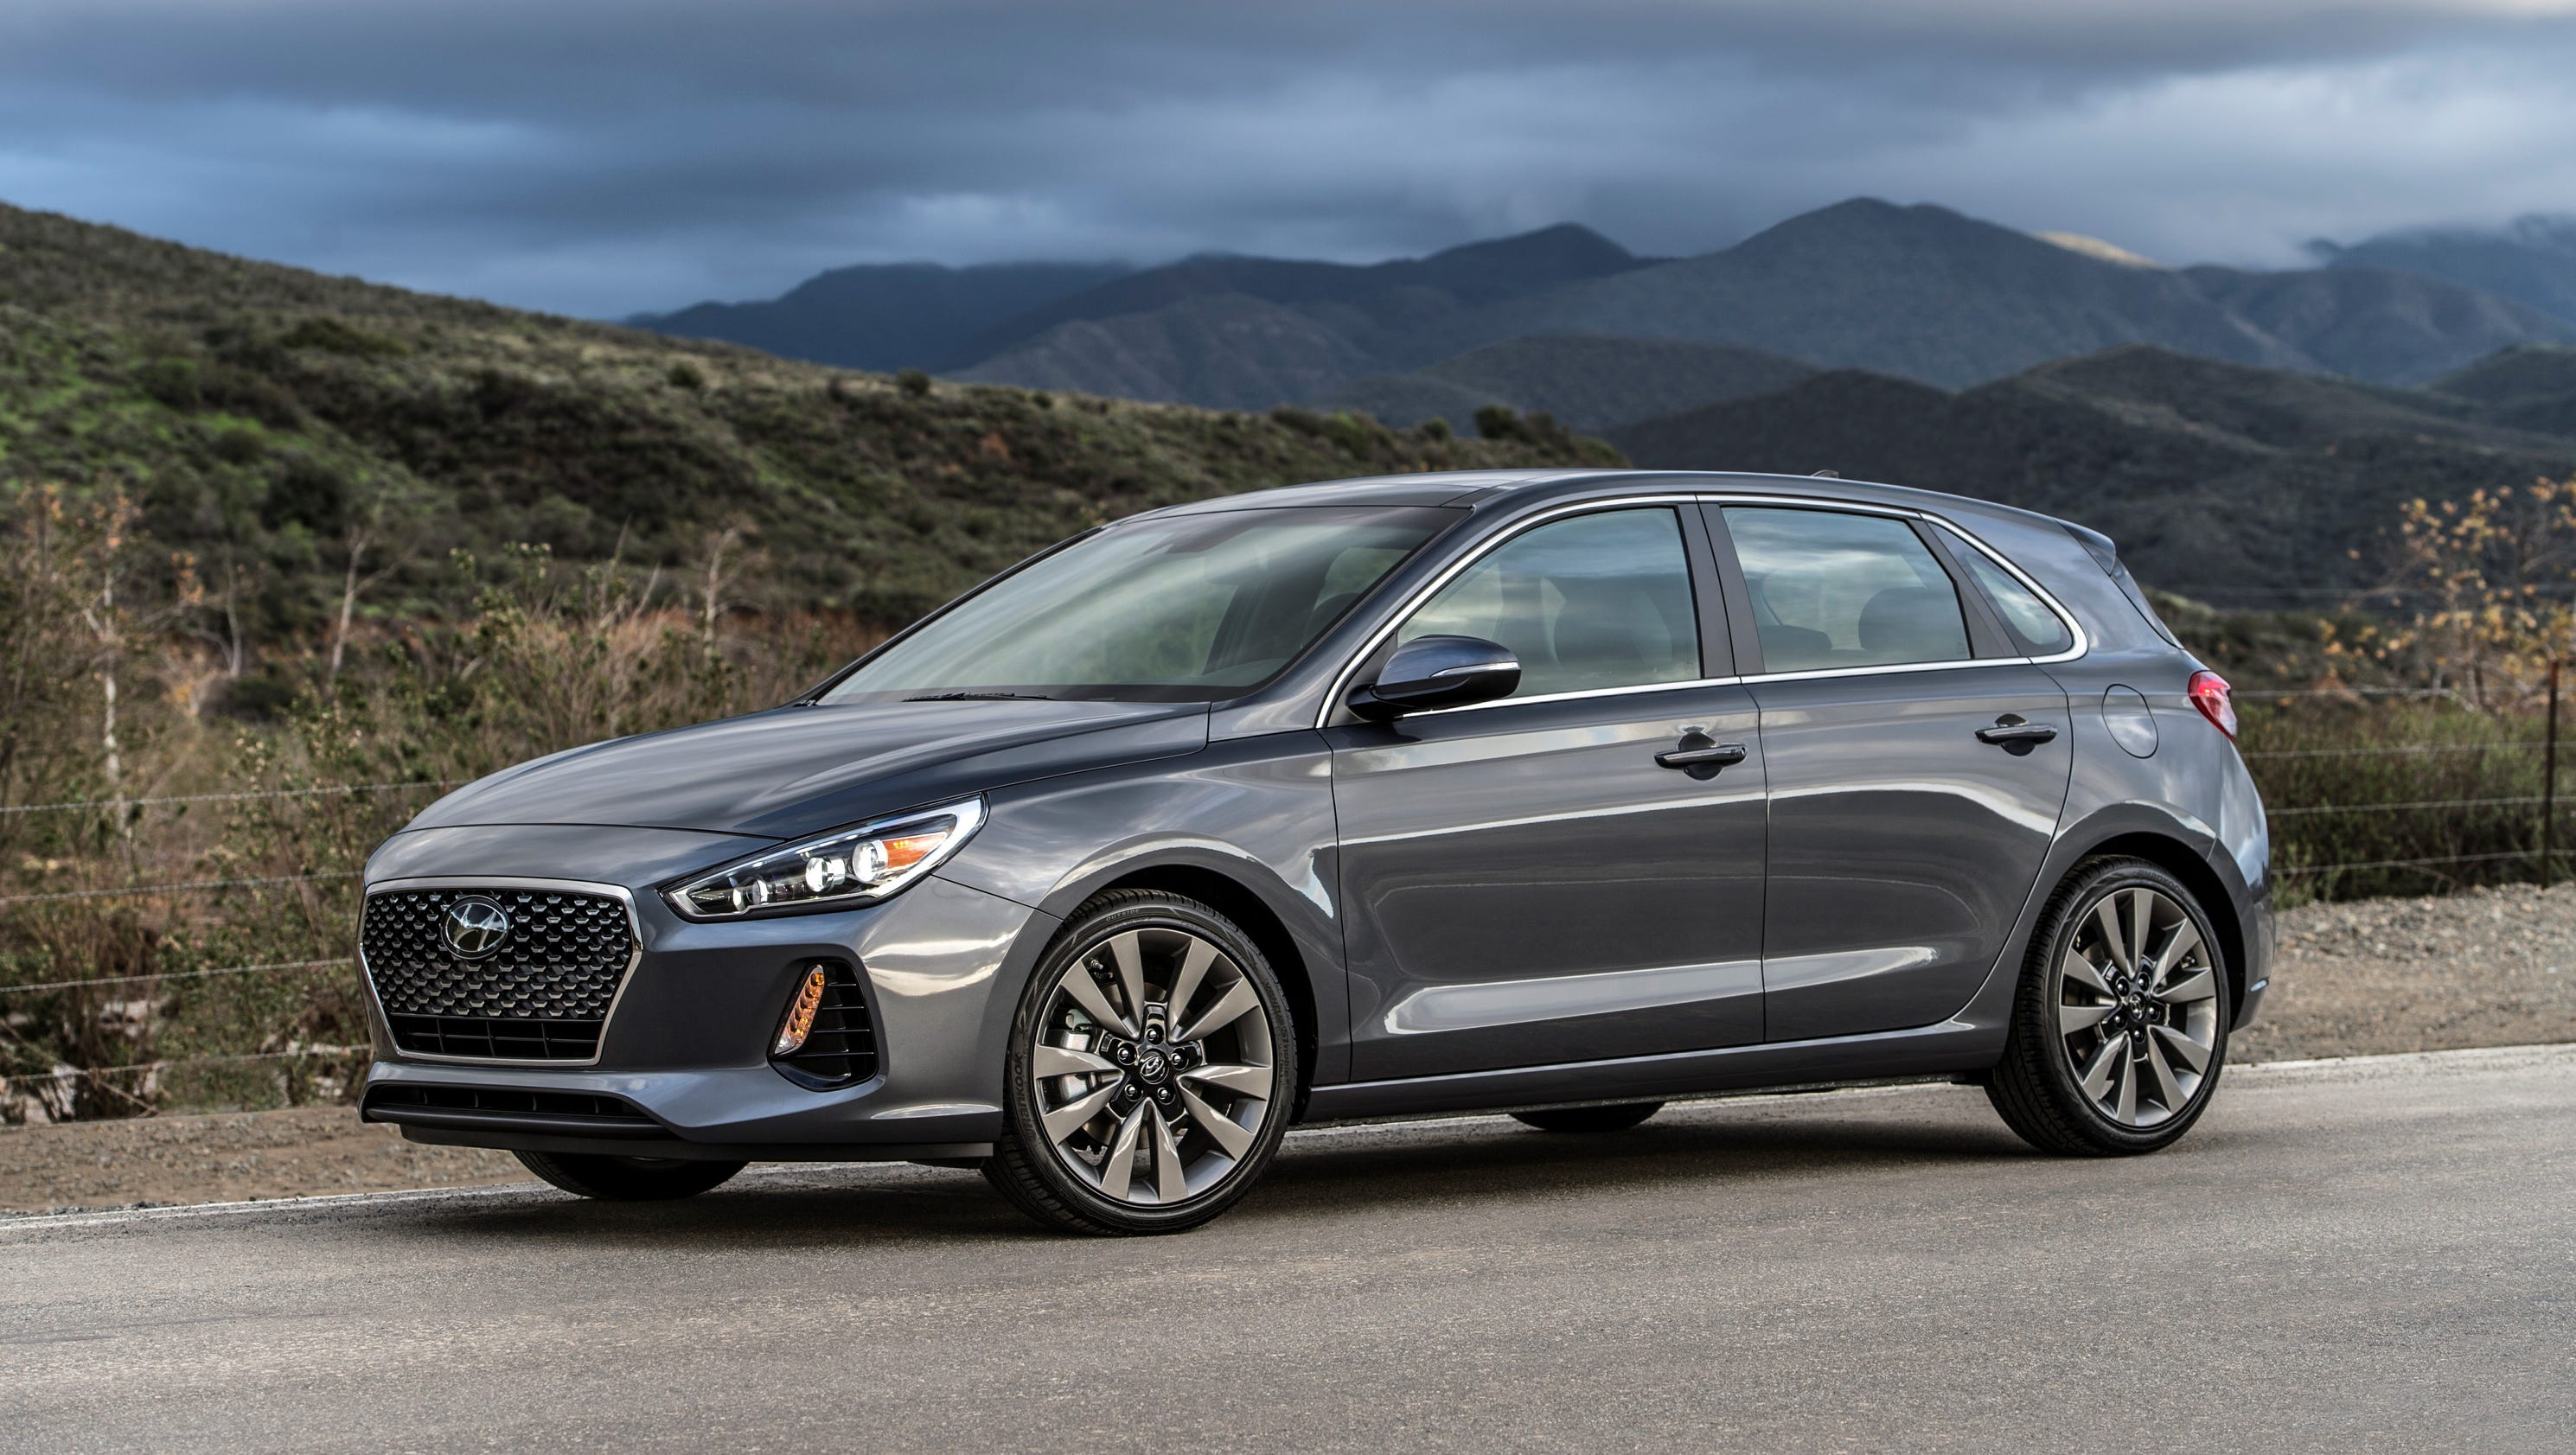 Chicago Auto Show: Hyundai reveals Elantra GT hatchback